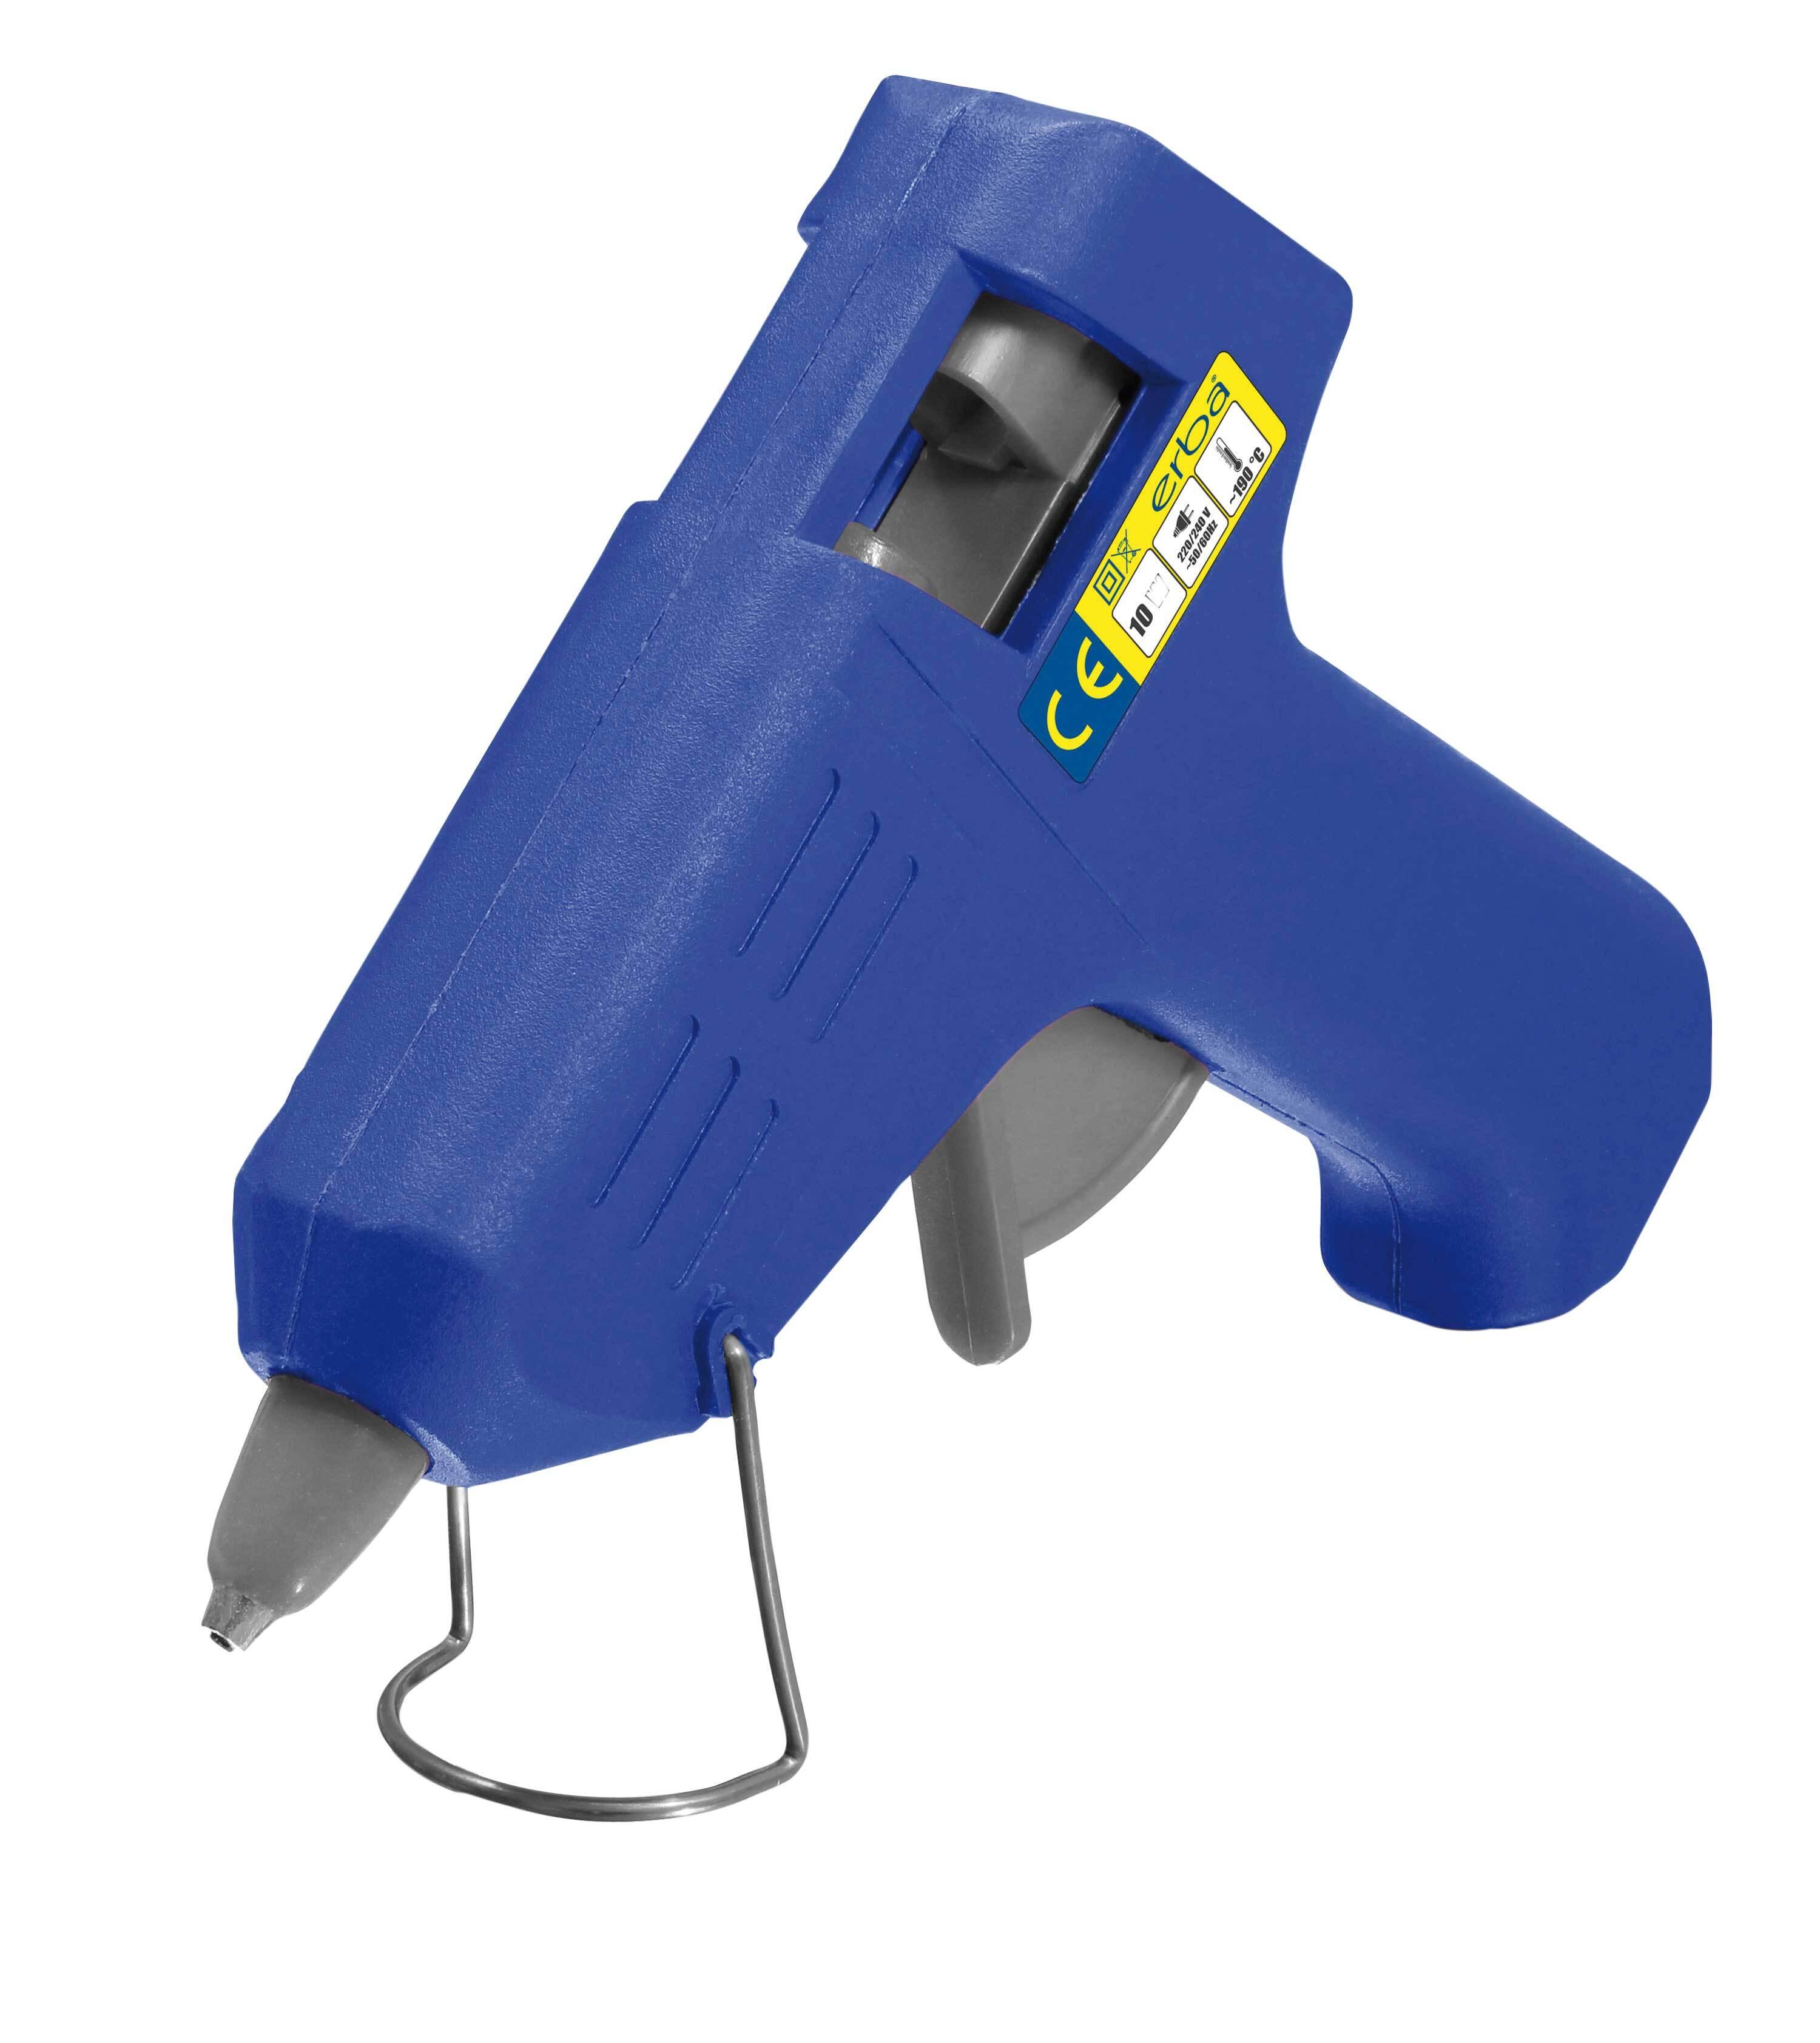 Heißklebepistole, 10 Watt